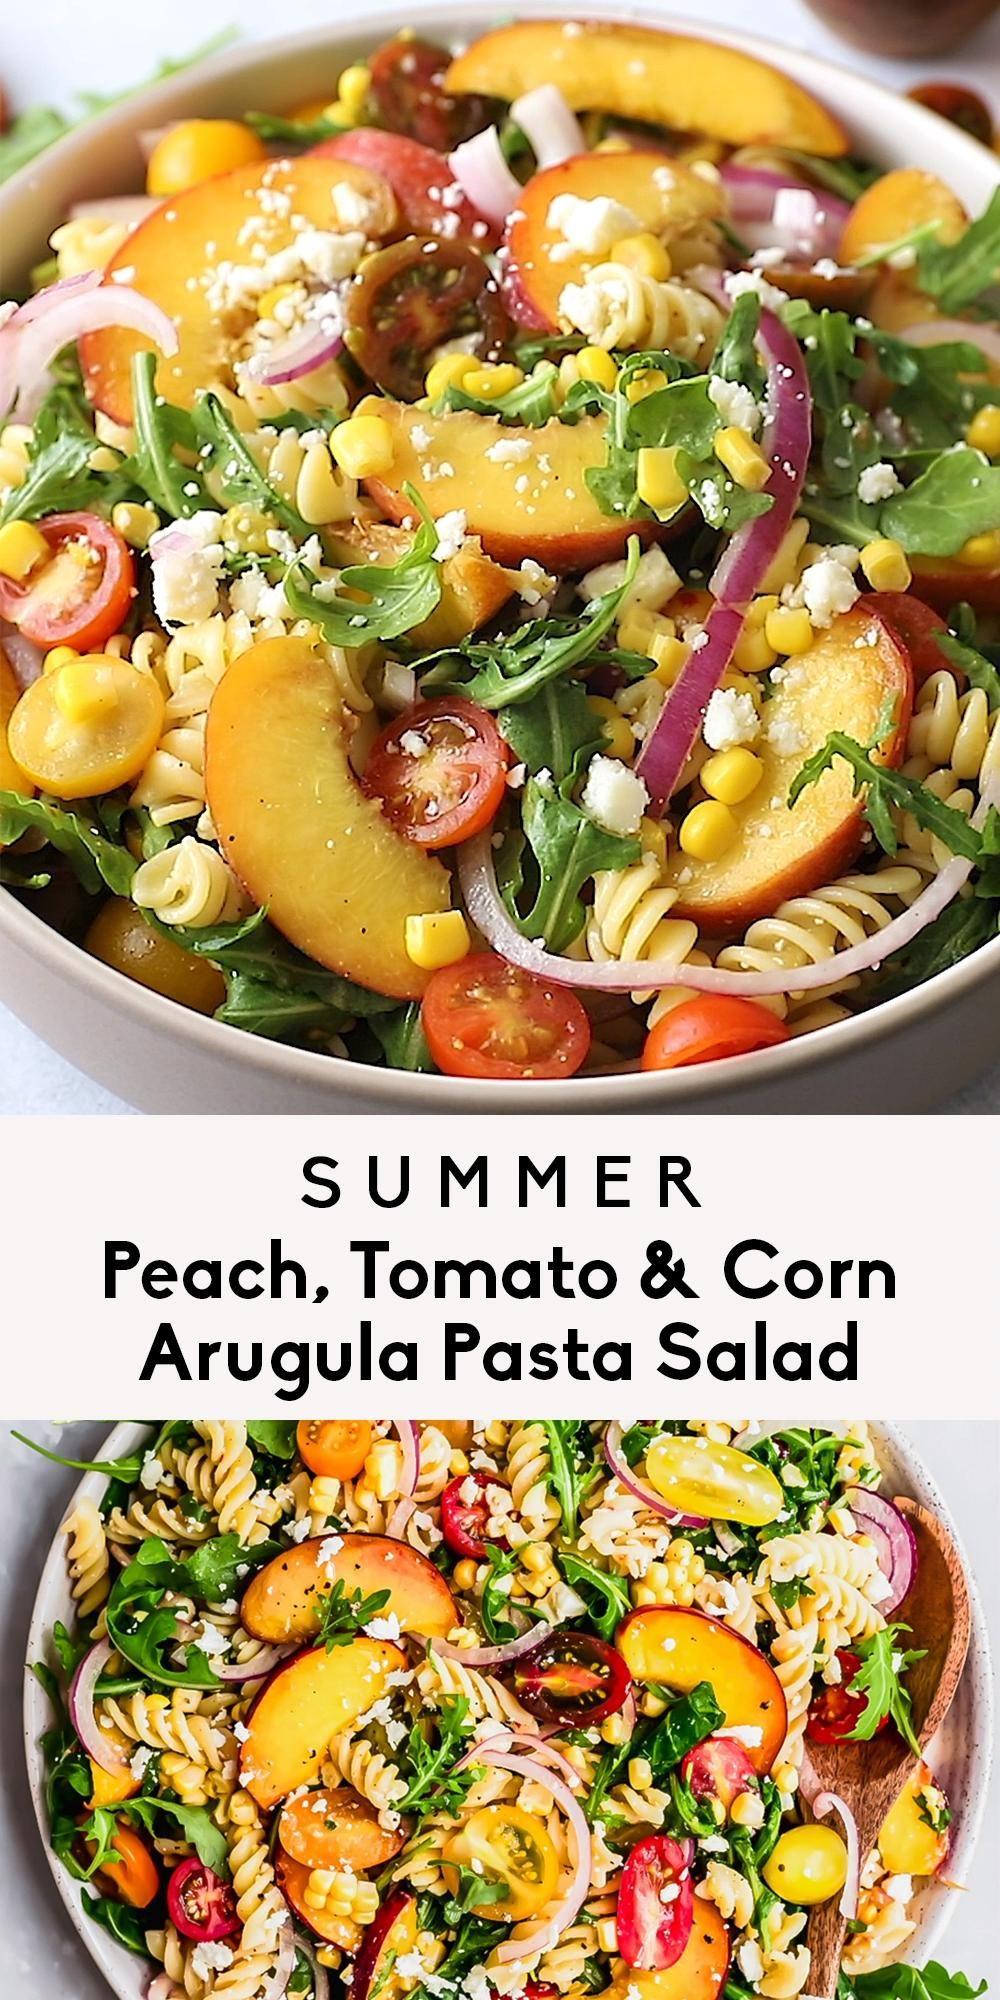 Peach, Tomato & Corn Arugula Pasta Salad